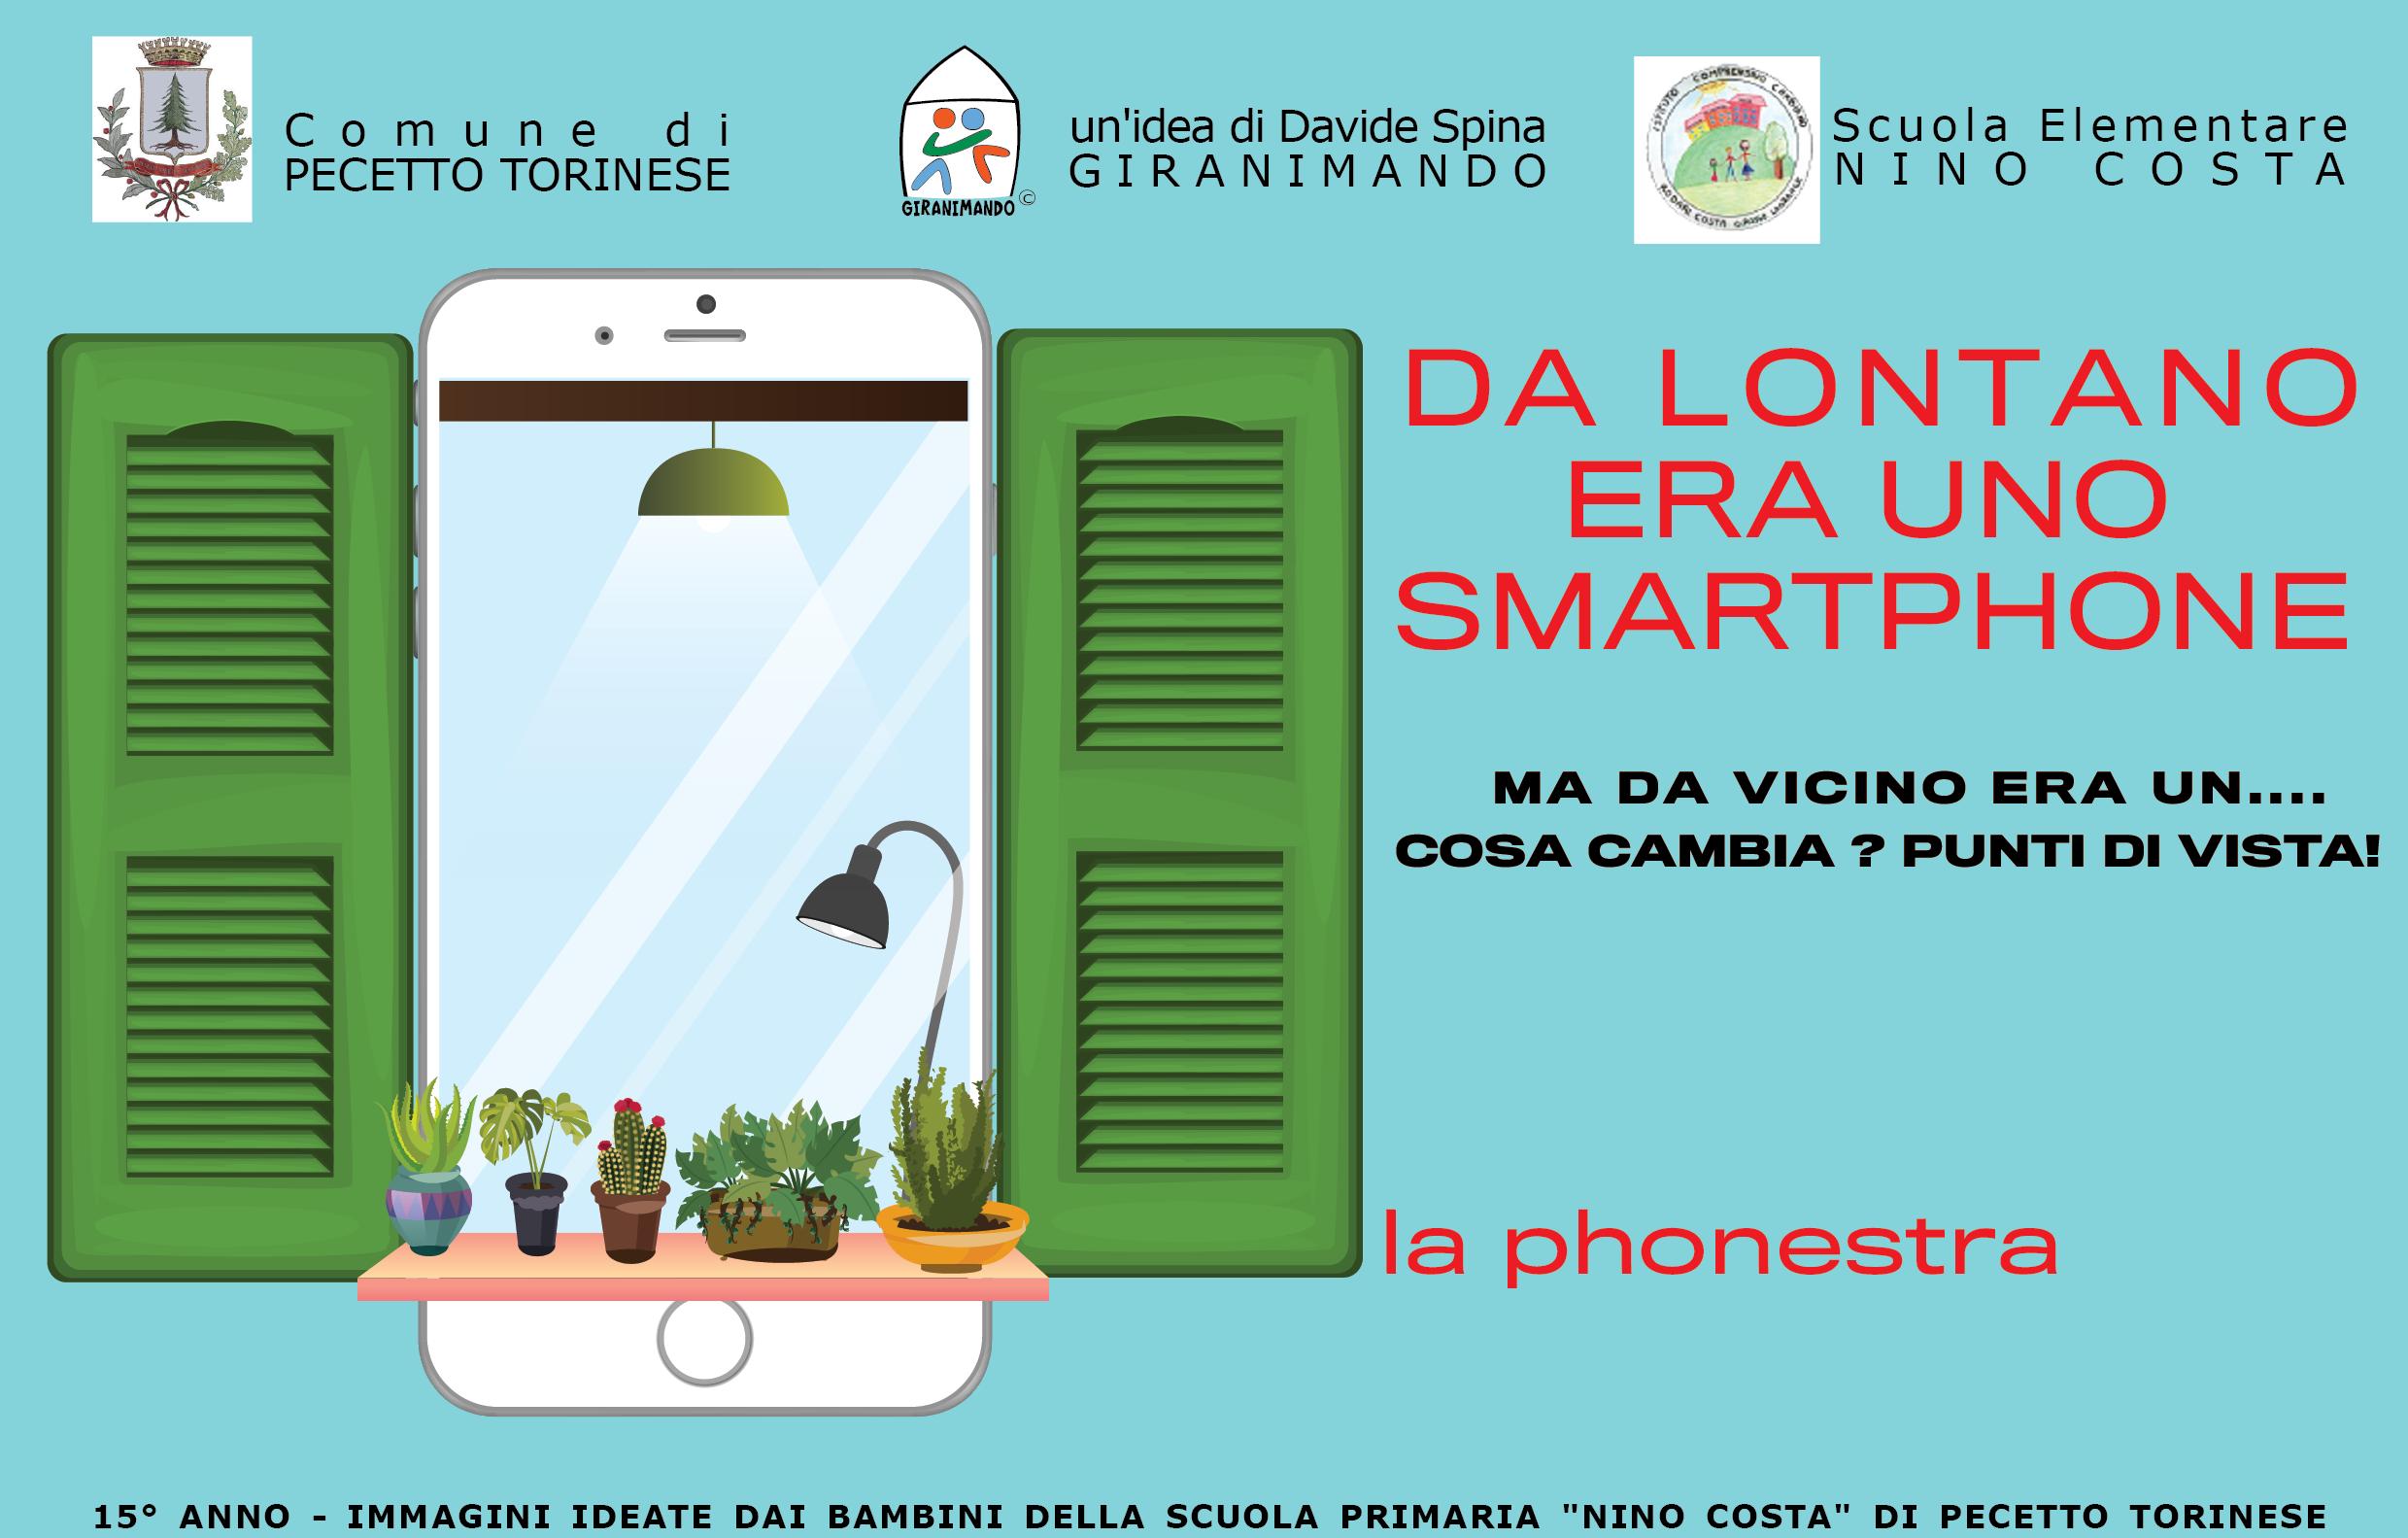 Comune Di Pecetto Torinese attivita' giovani e scuola - progetti giranimando.::